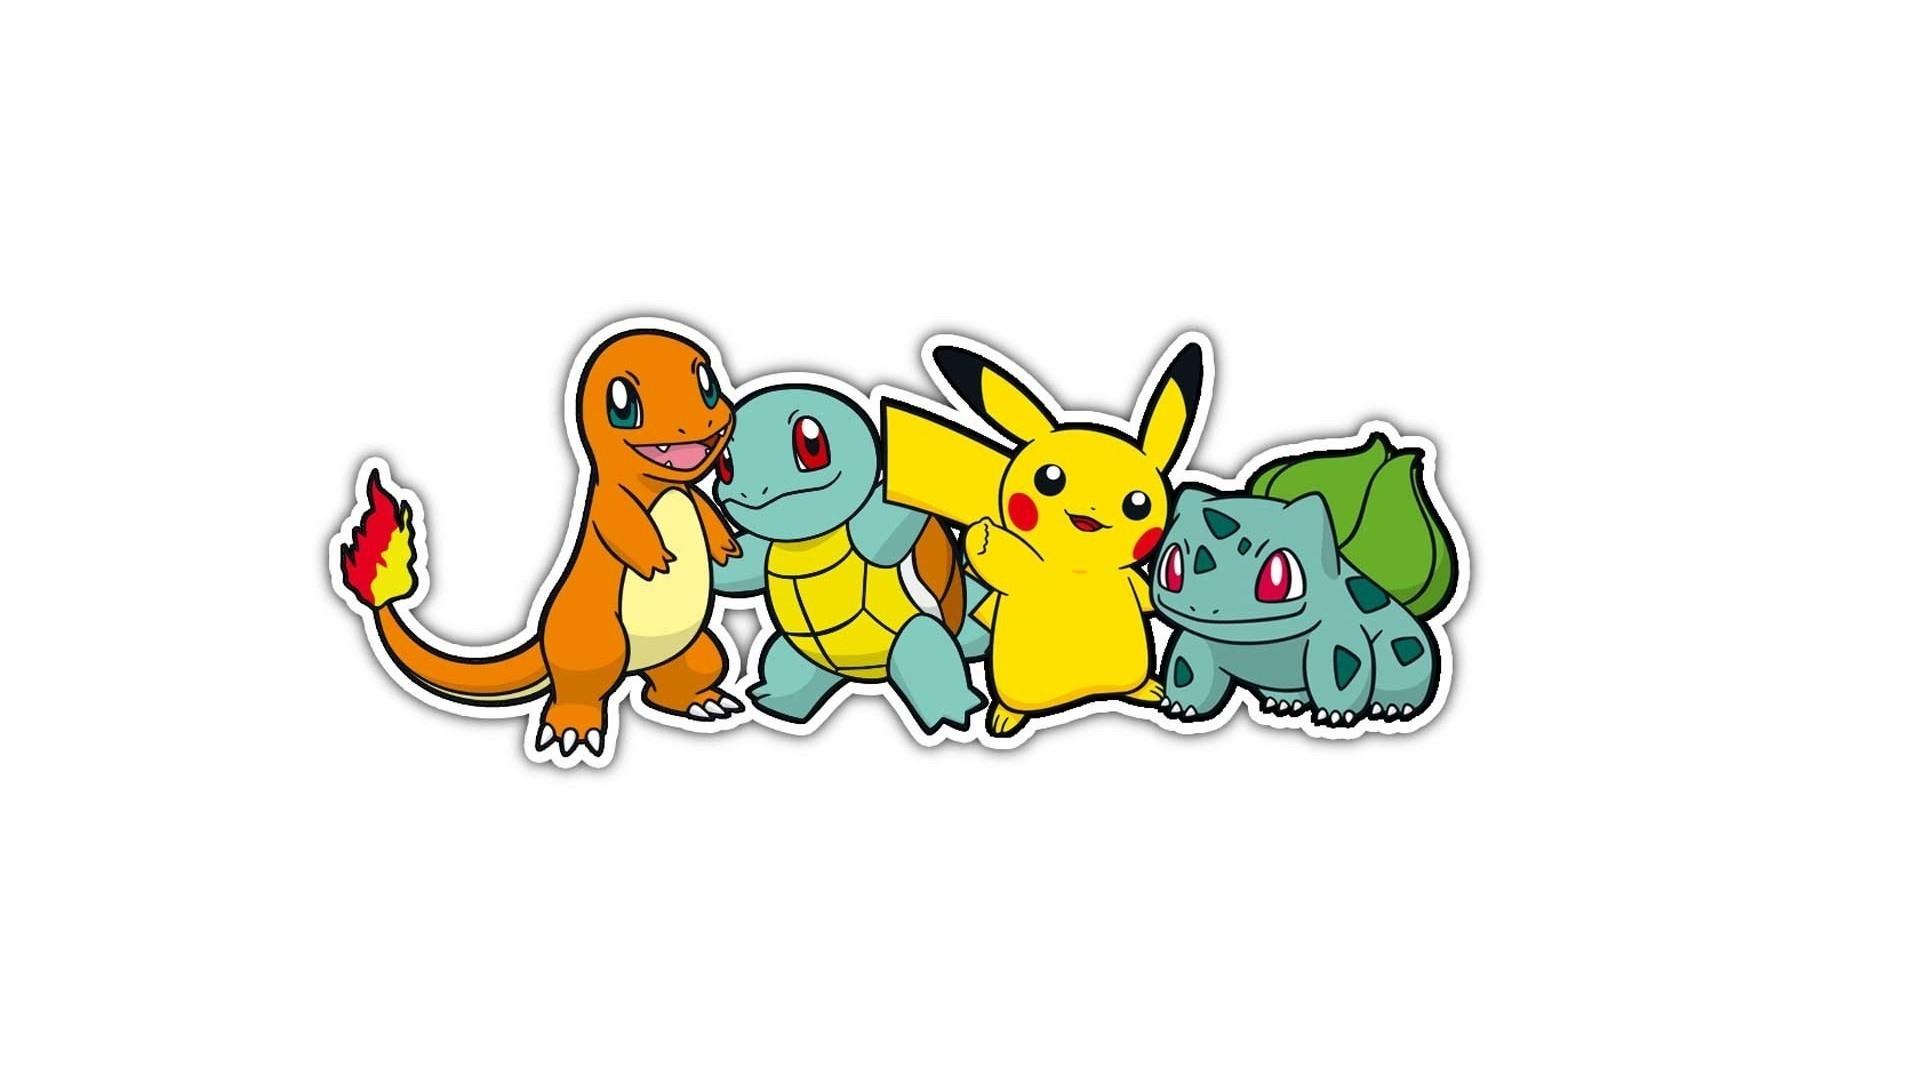 Res: 1920x1080, Desktop Cute Pokemon Wallpaper.